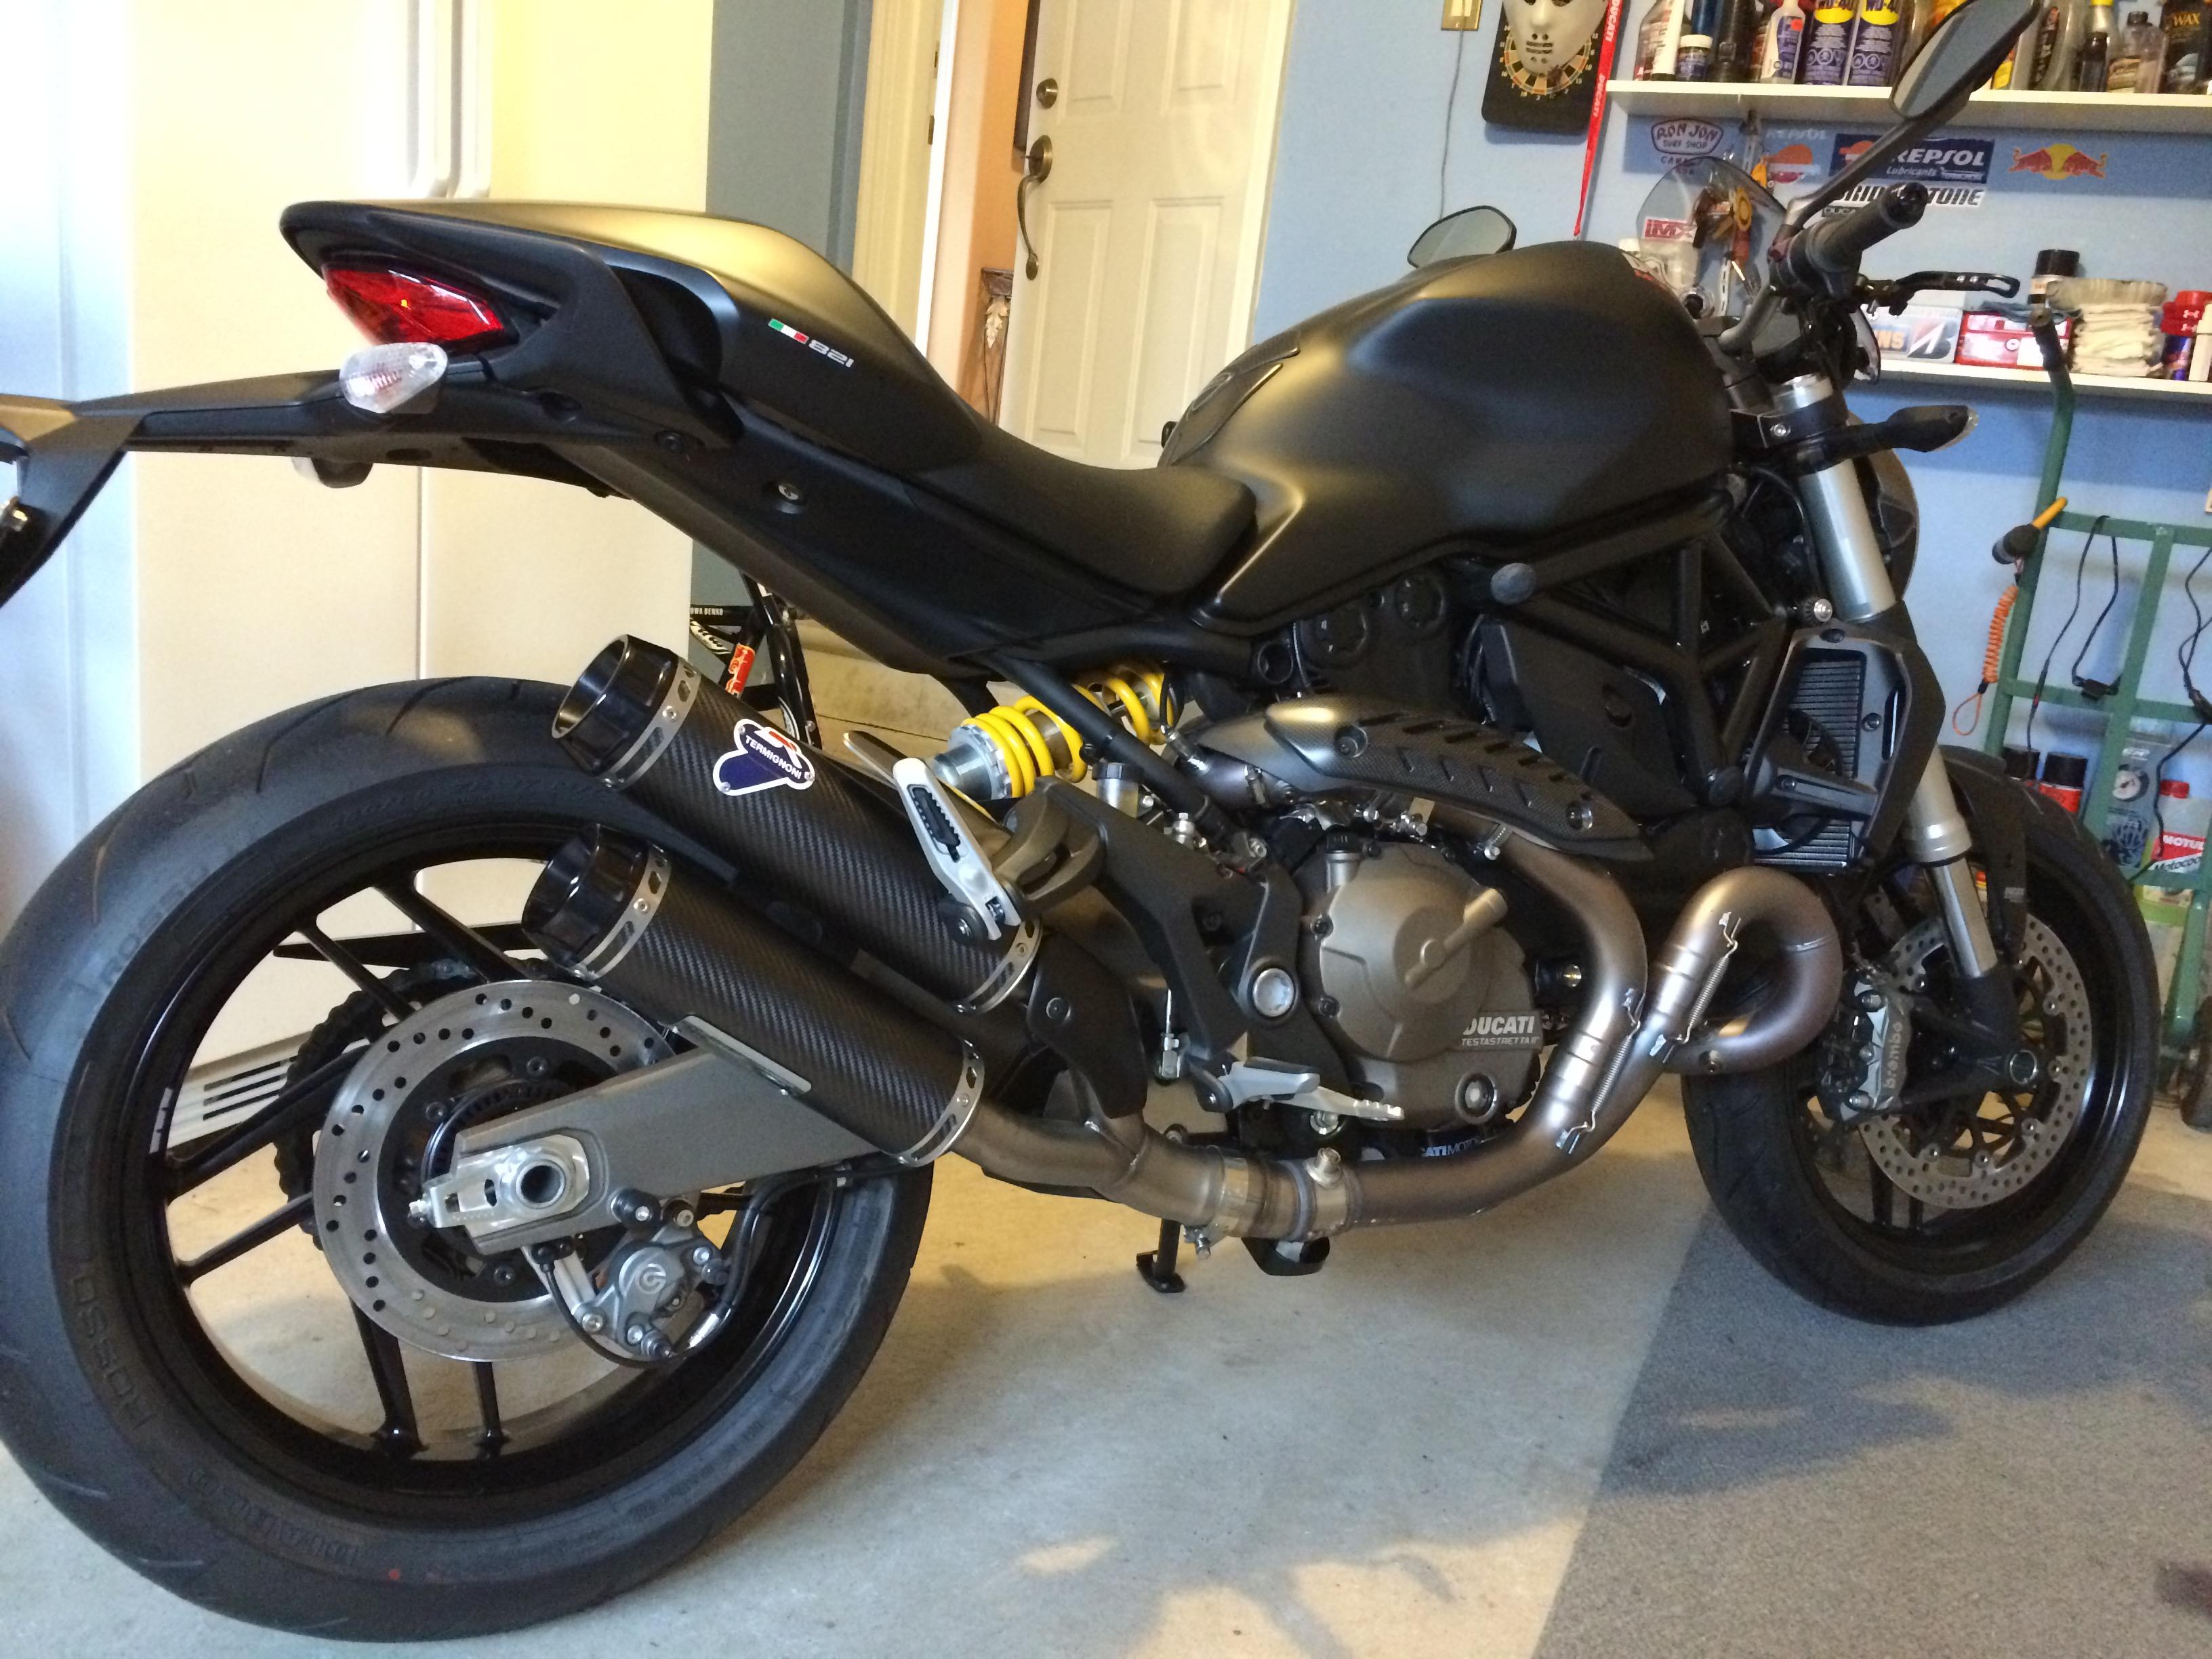 Bobby 2015 Ducati 821 Monster Dark